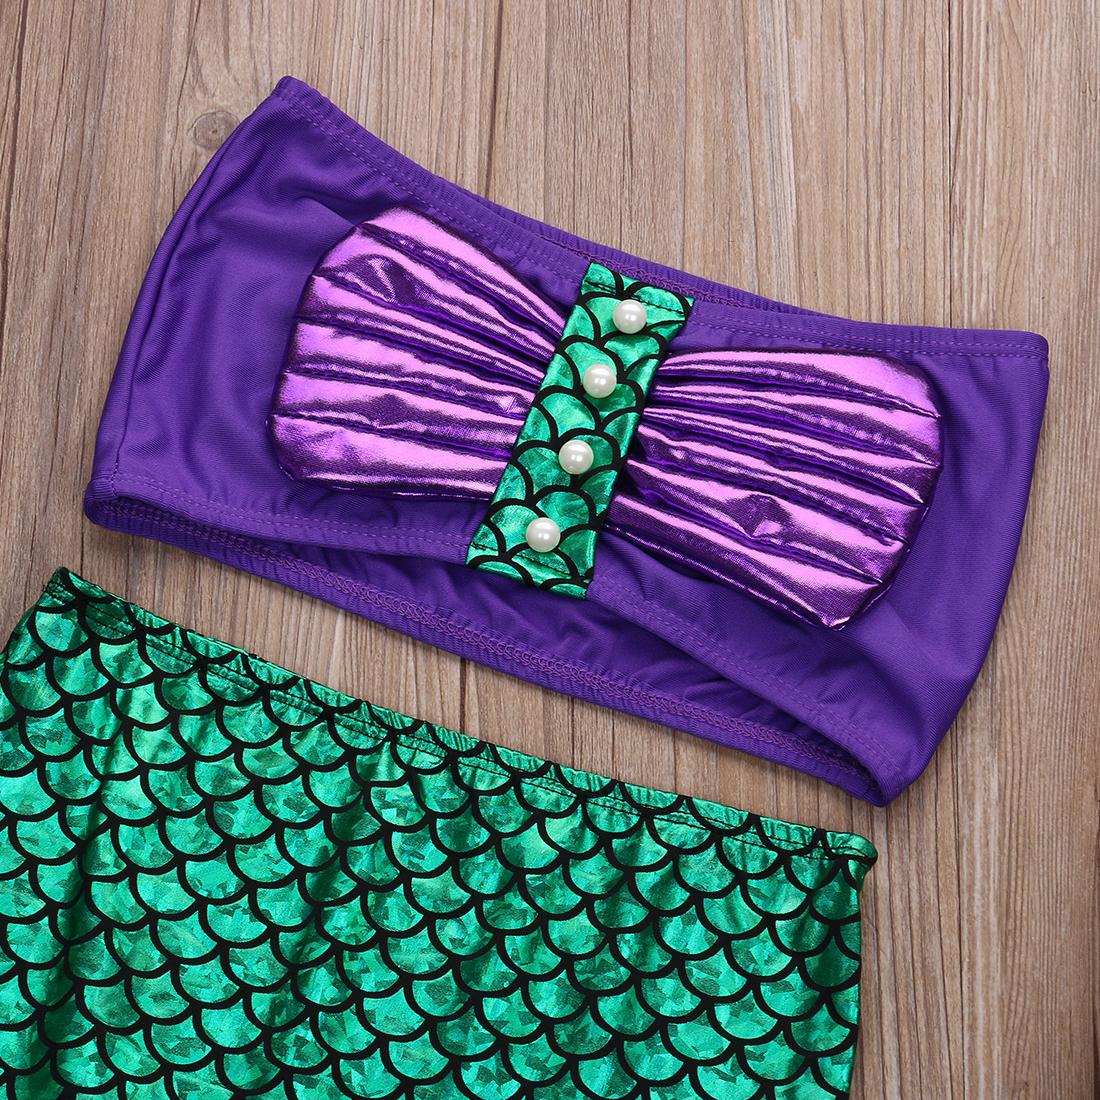 Compre La Sirenita Cola Princesa Ariel Vestido Cosplay Disfraz Niños Para Niña Verde Elegante A 1192 Del Ysshop Dhgatecom